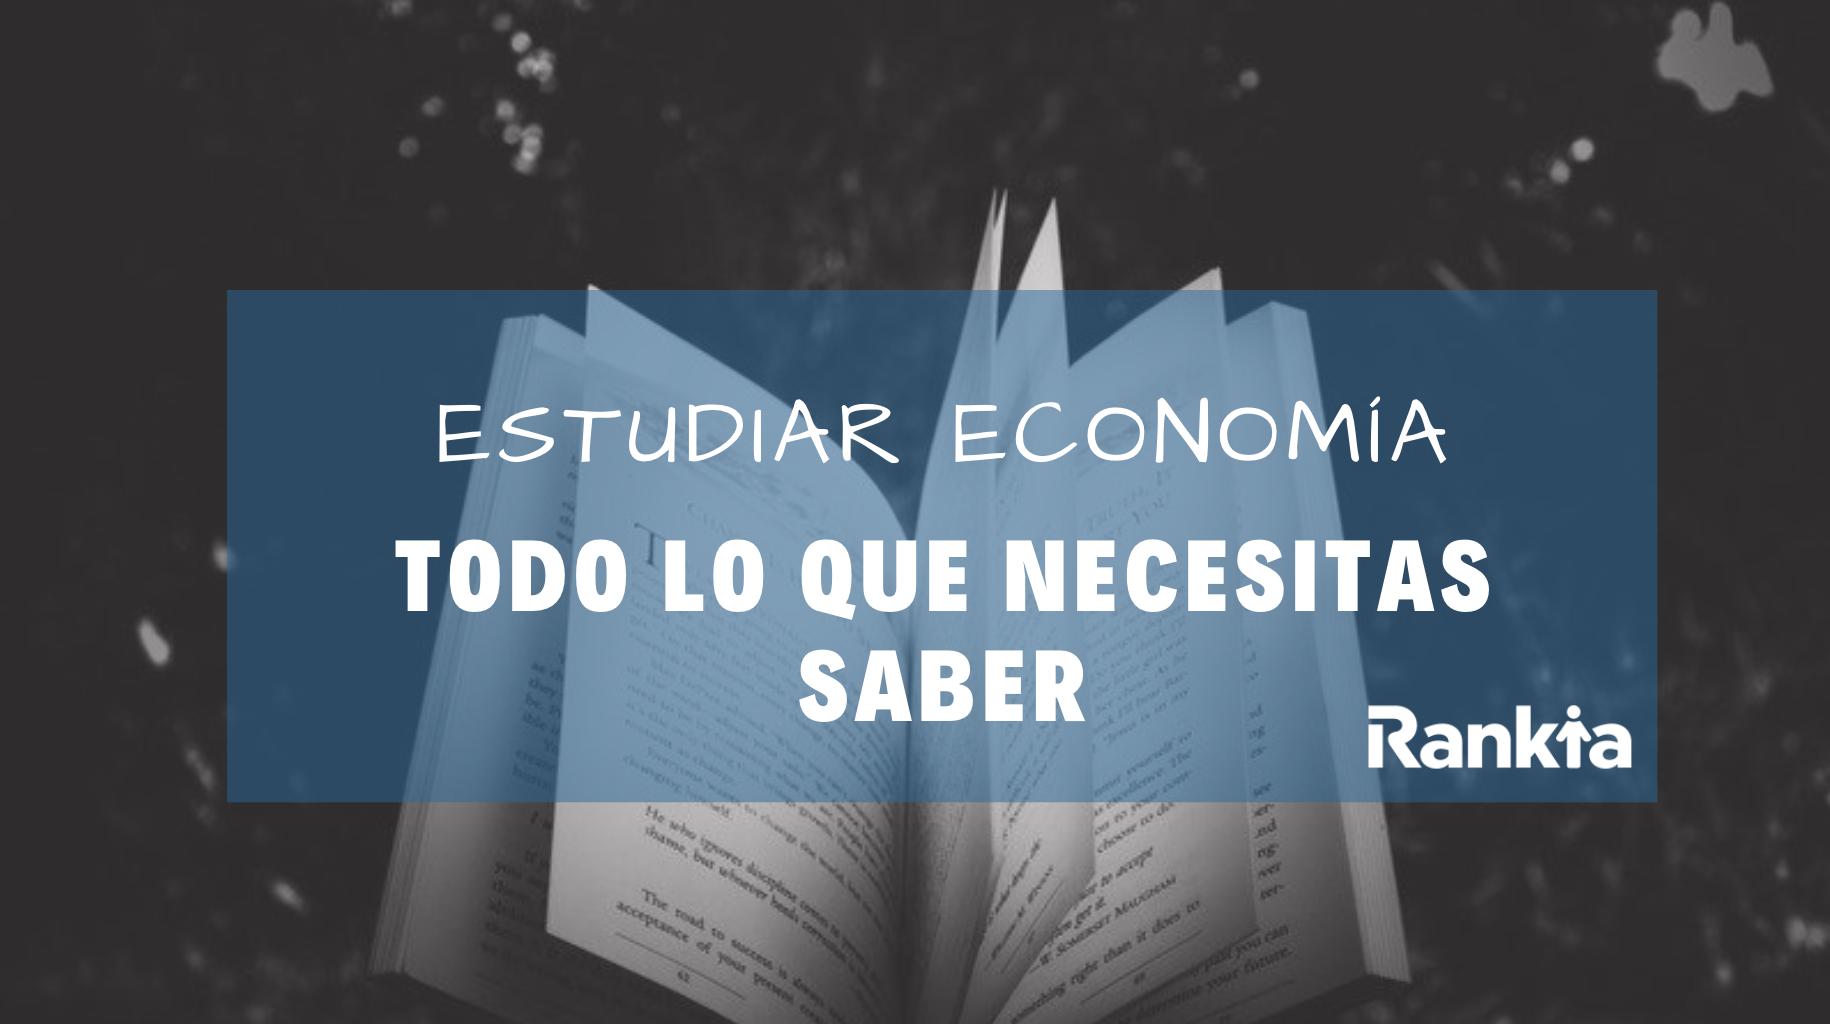 Estudiar Economía: Todo lo que necesitas conocer